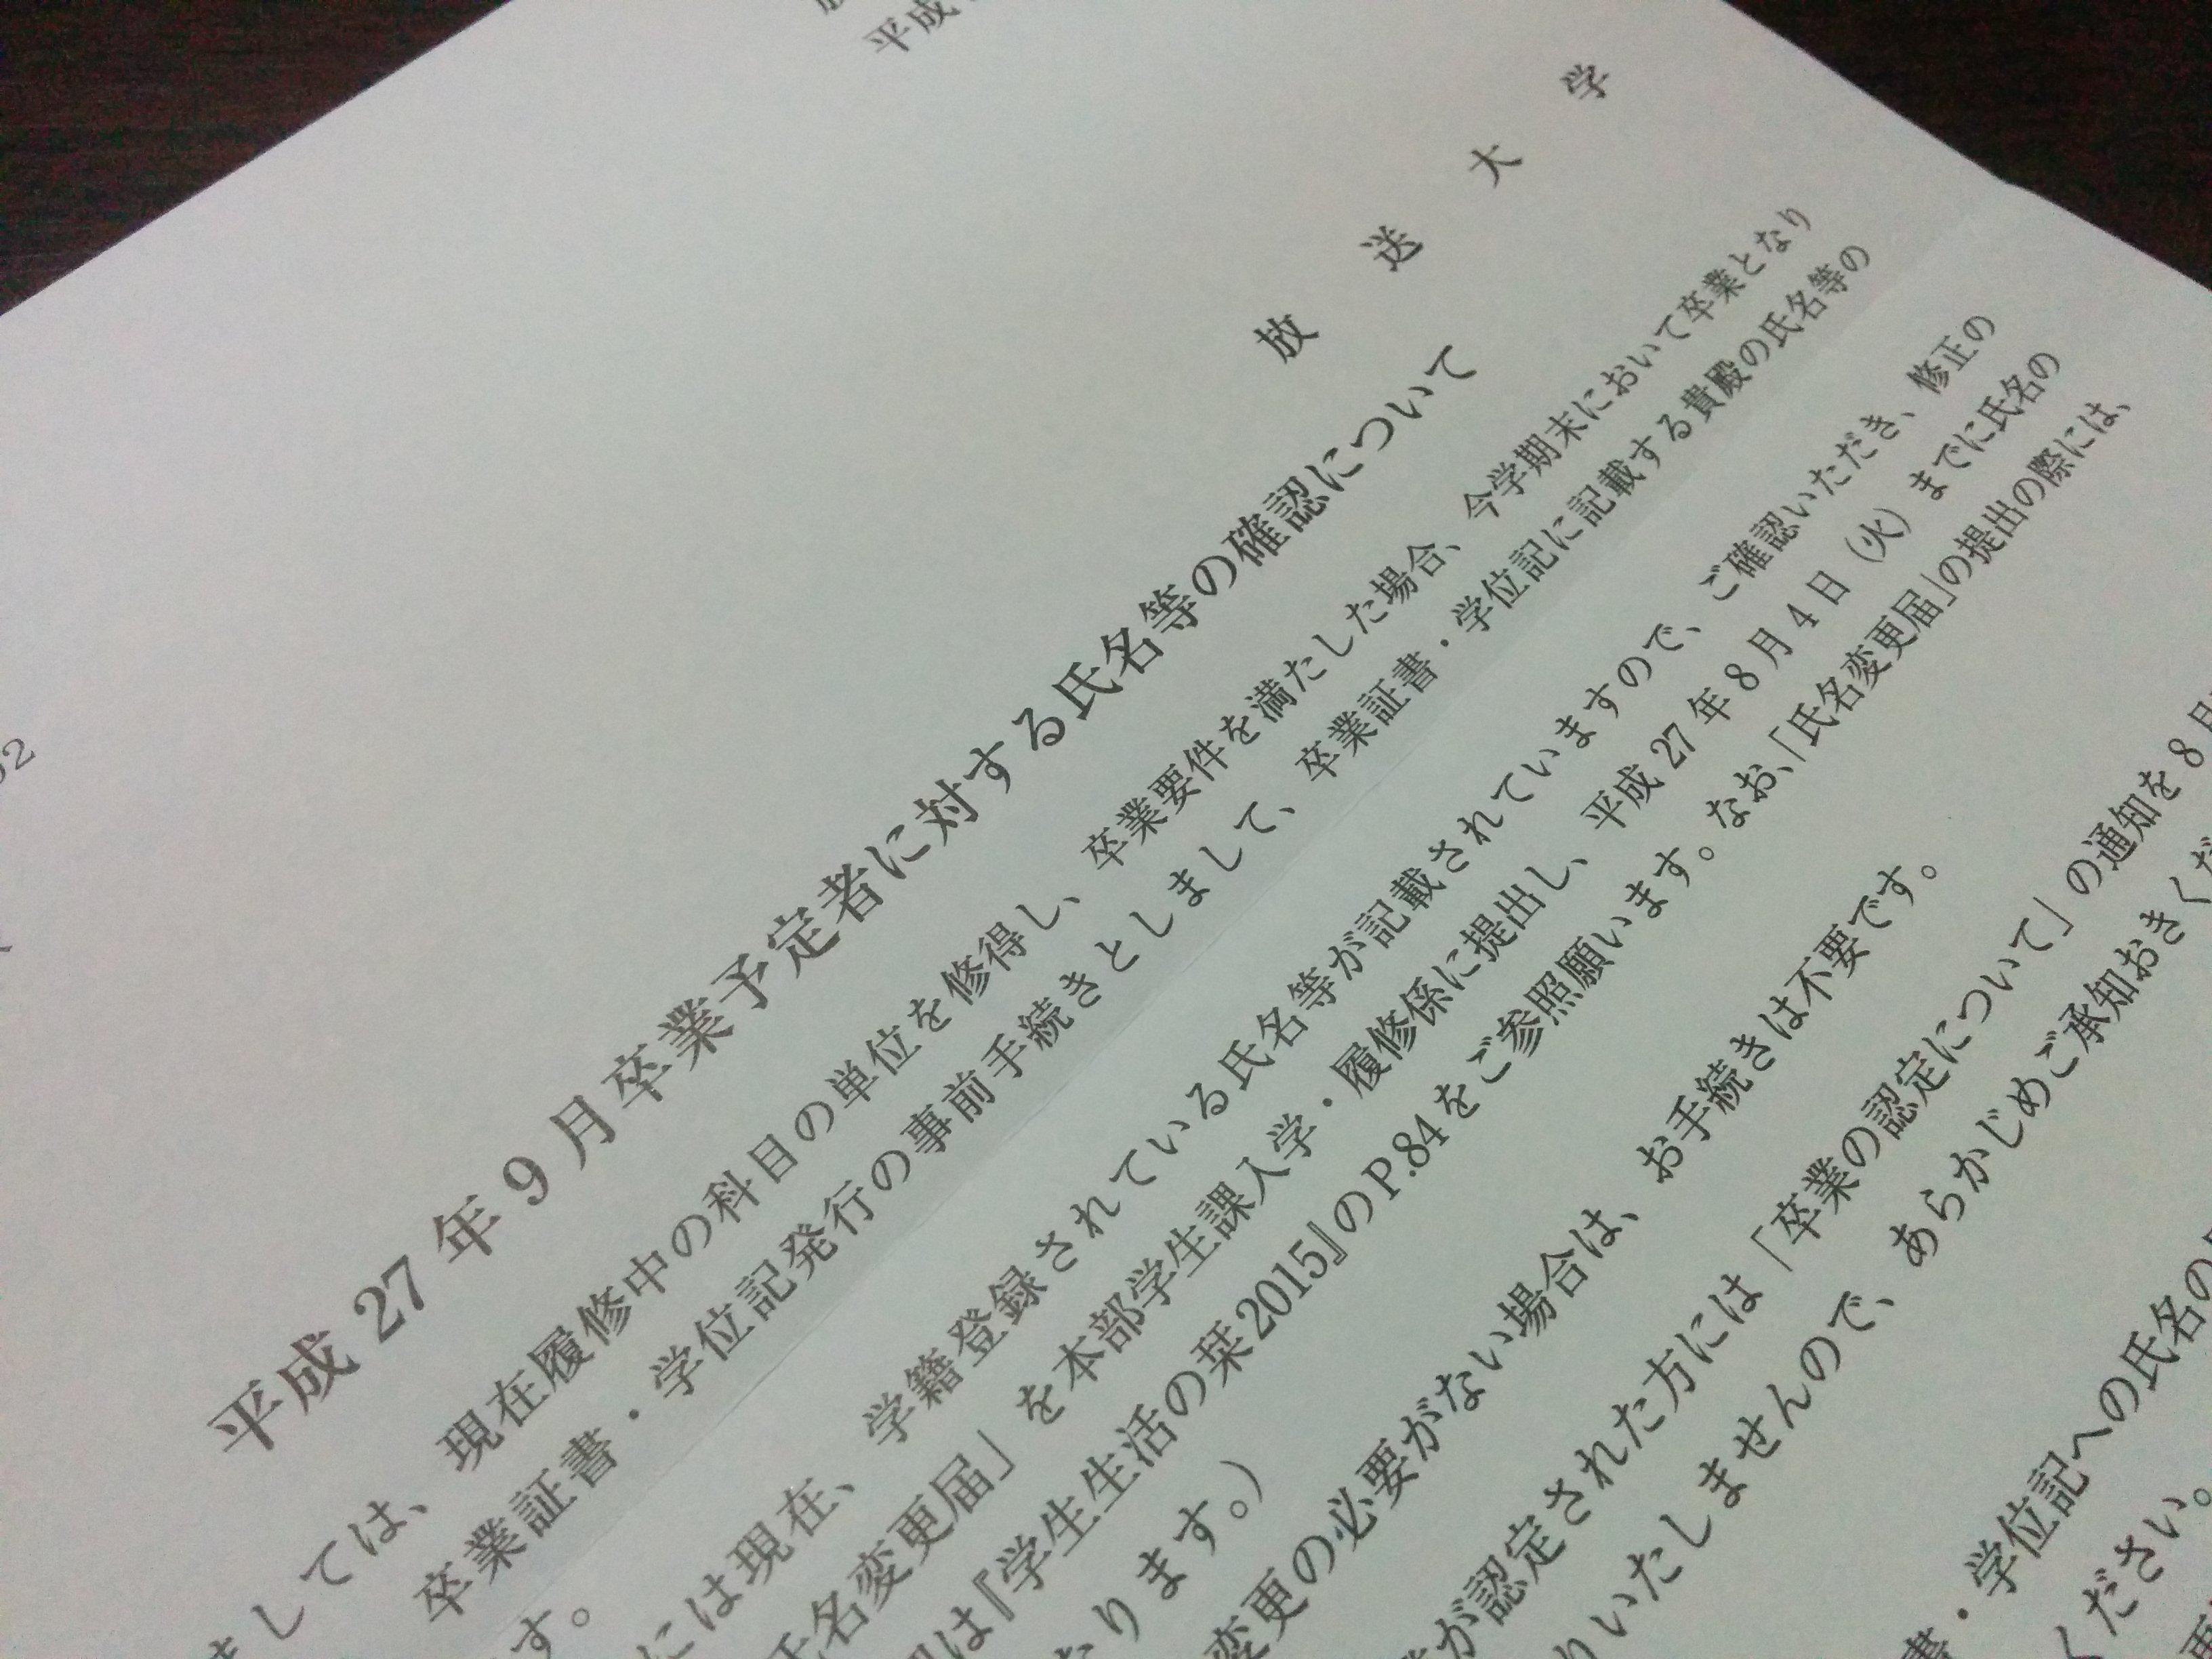 放送大学の卒業に関する確認書類が届いた